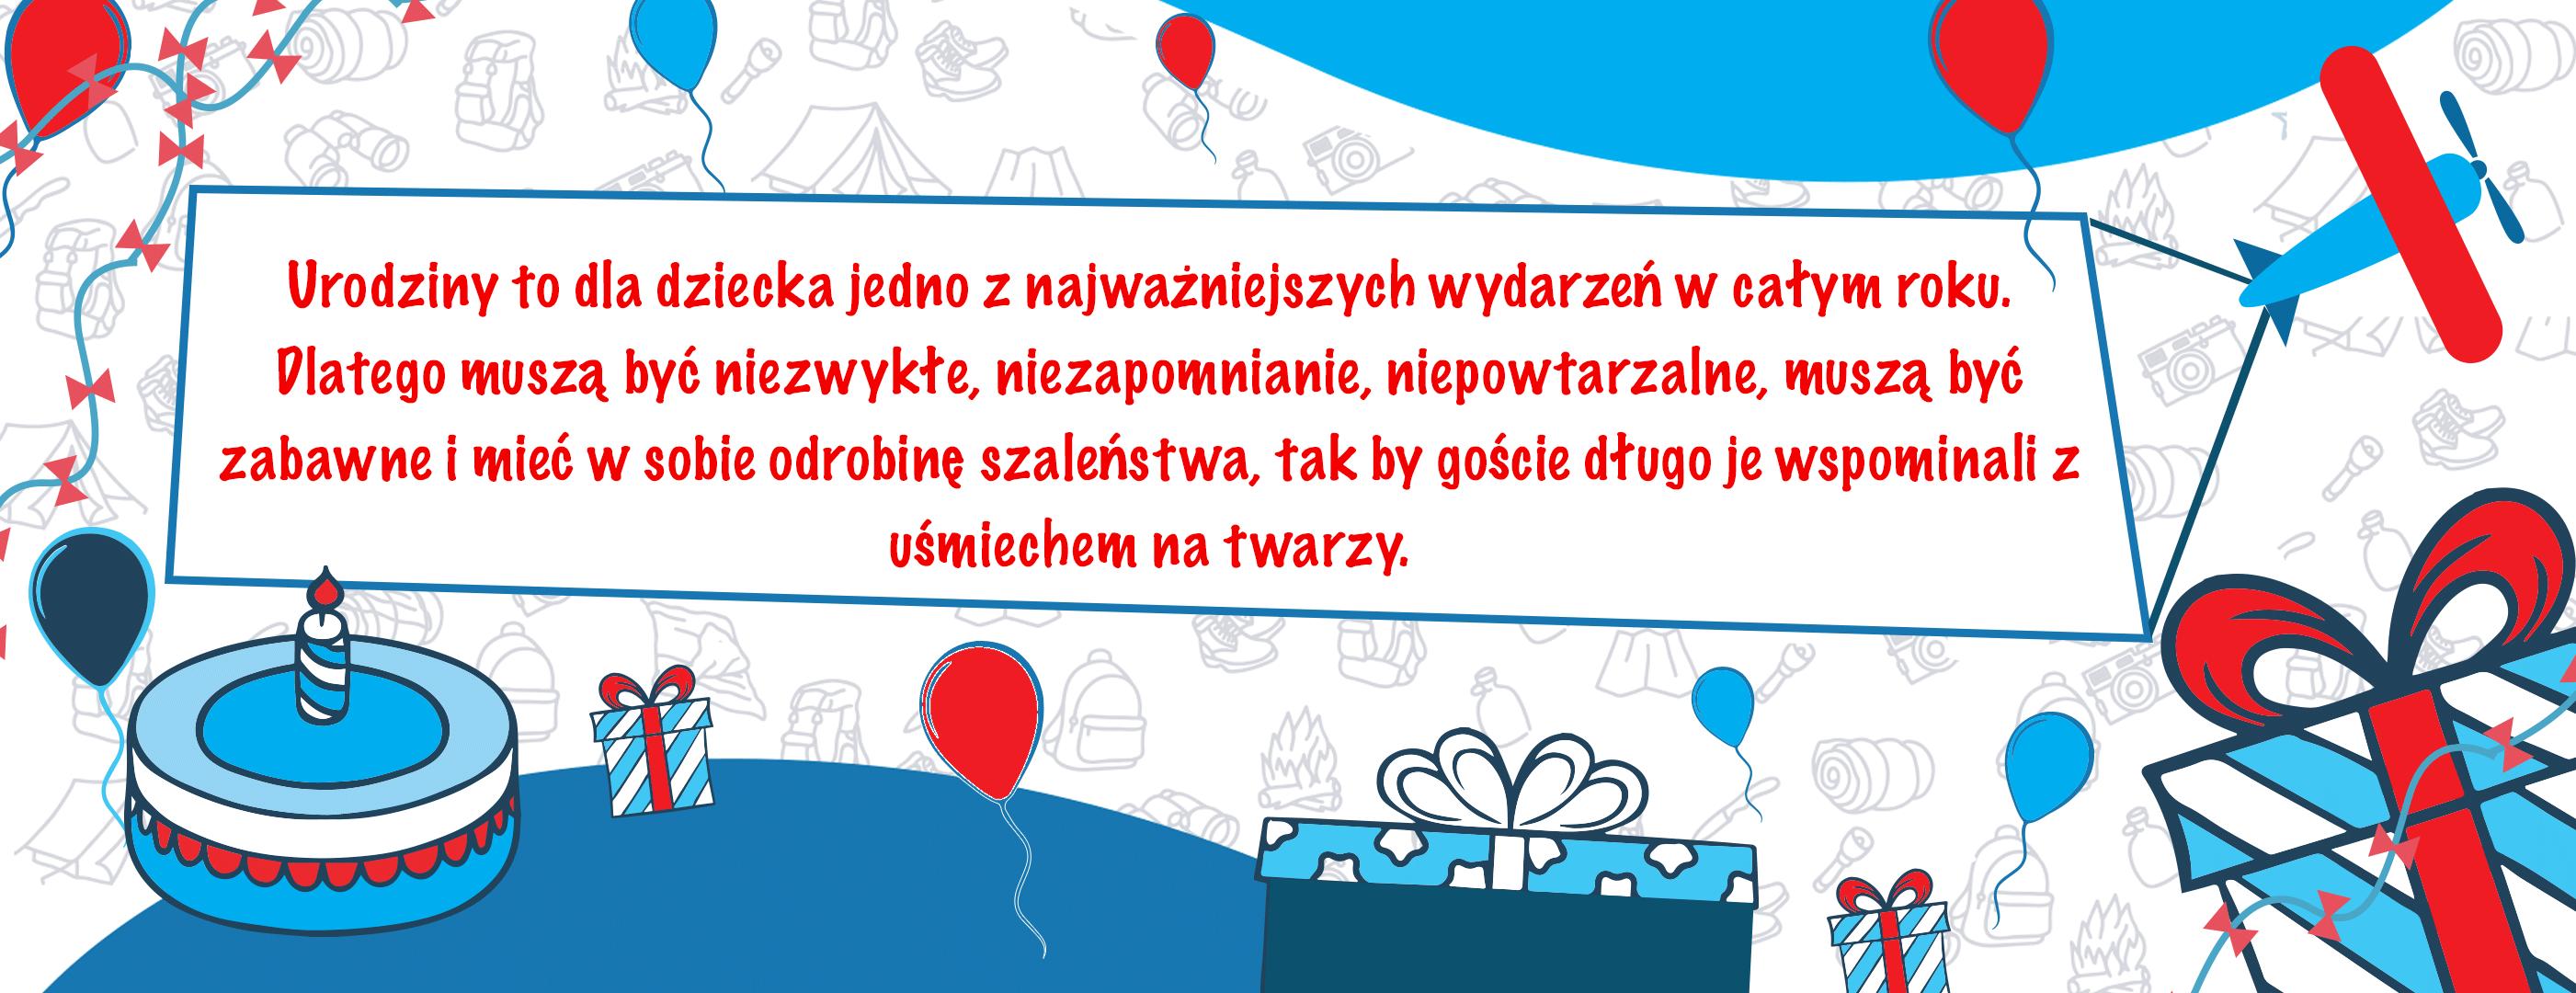 organizacja urodzin dla dzieci